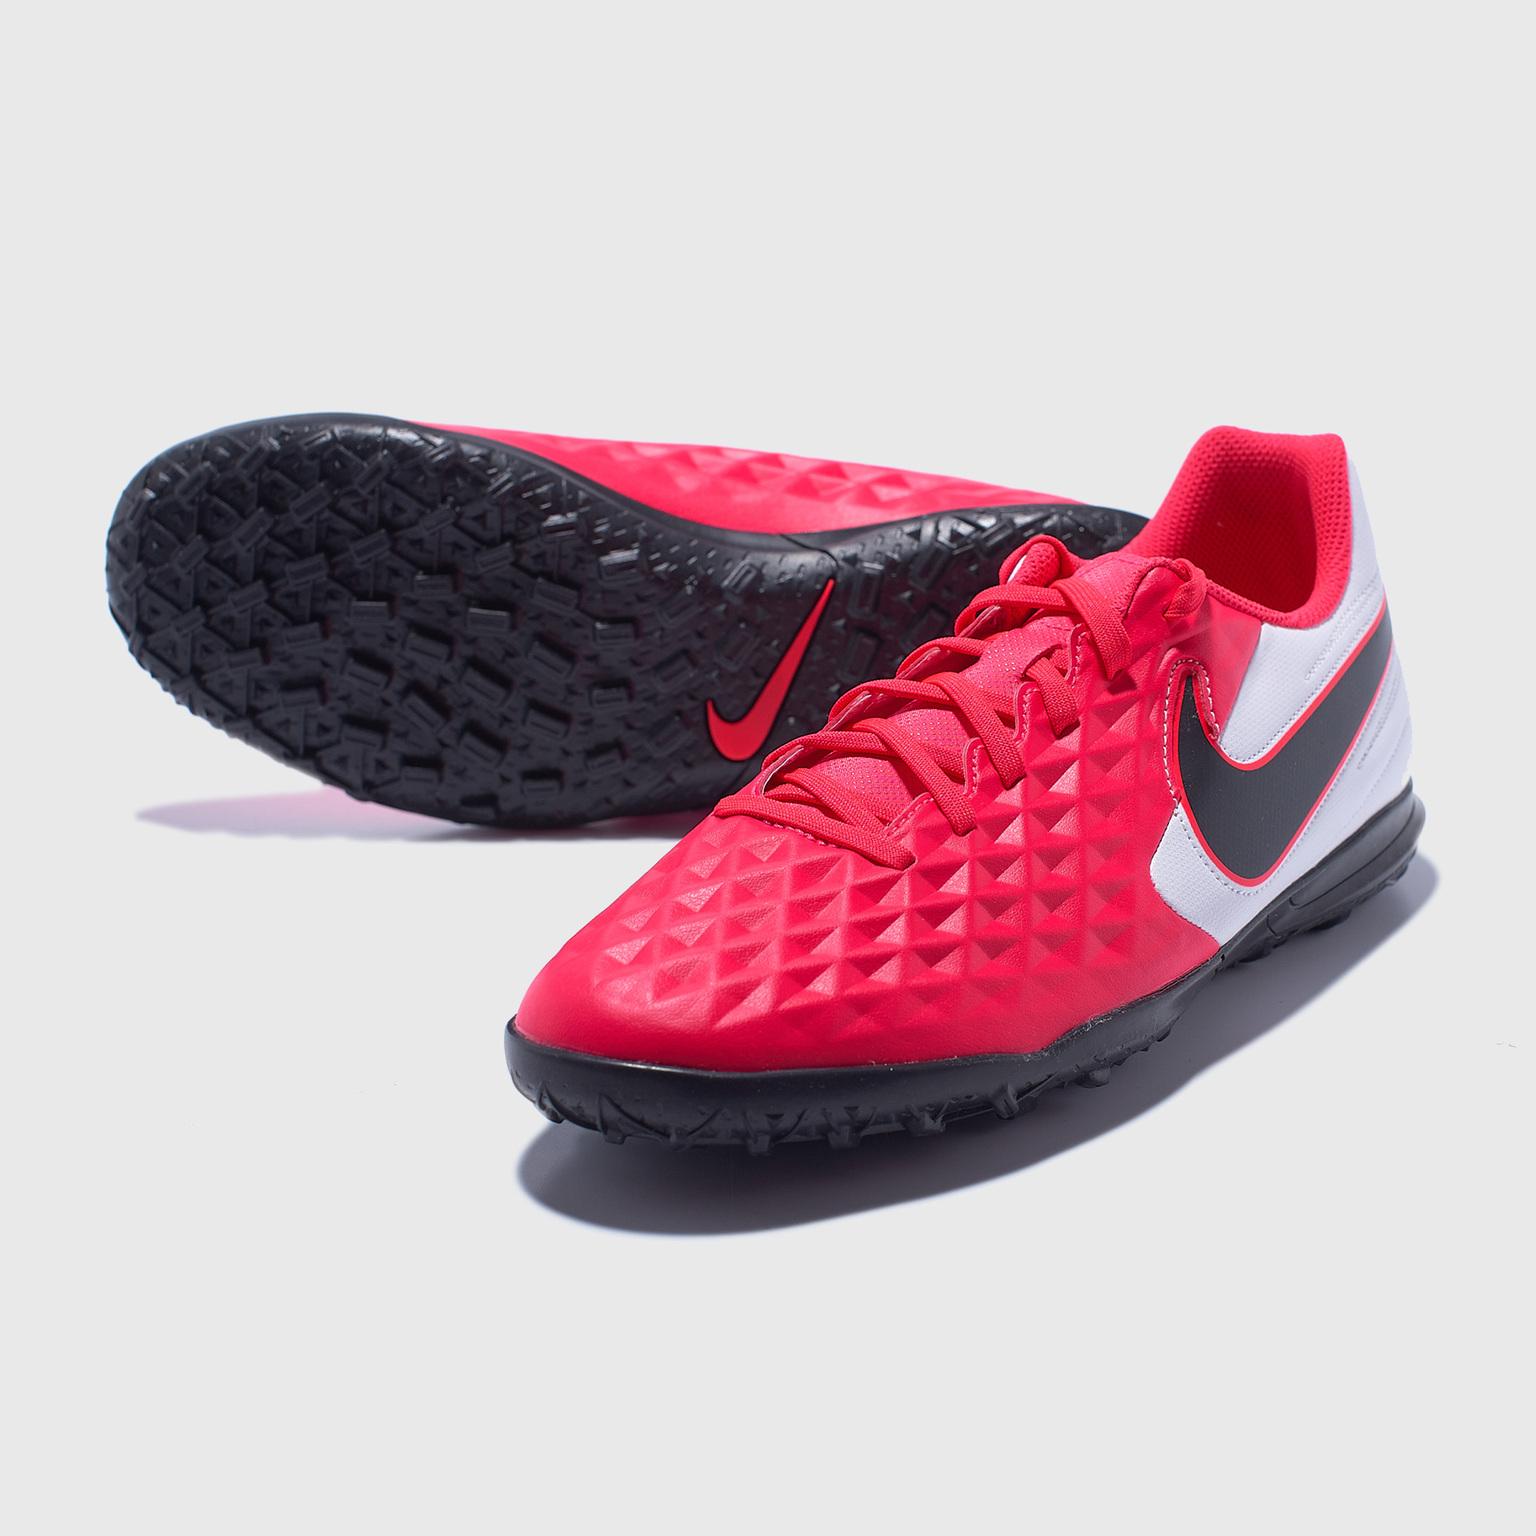 Шиповки Nike Legend 8 Club TF AT6109-606 шиповки детские nike legend 8 academy tf at5736 606